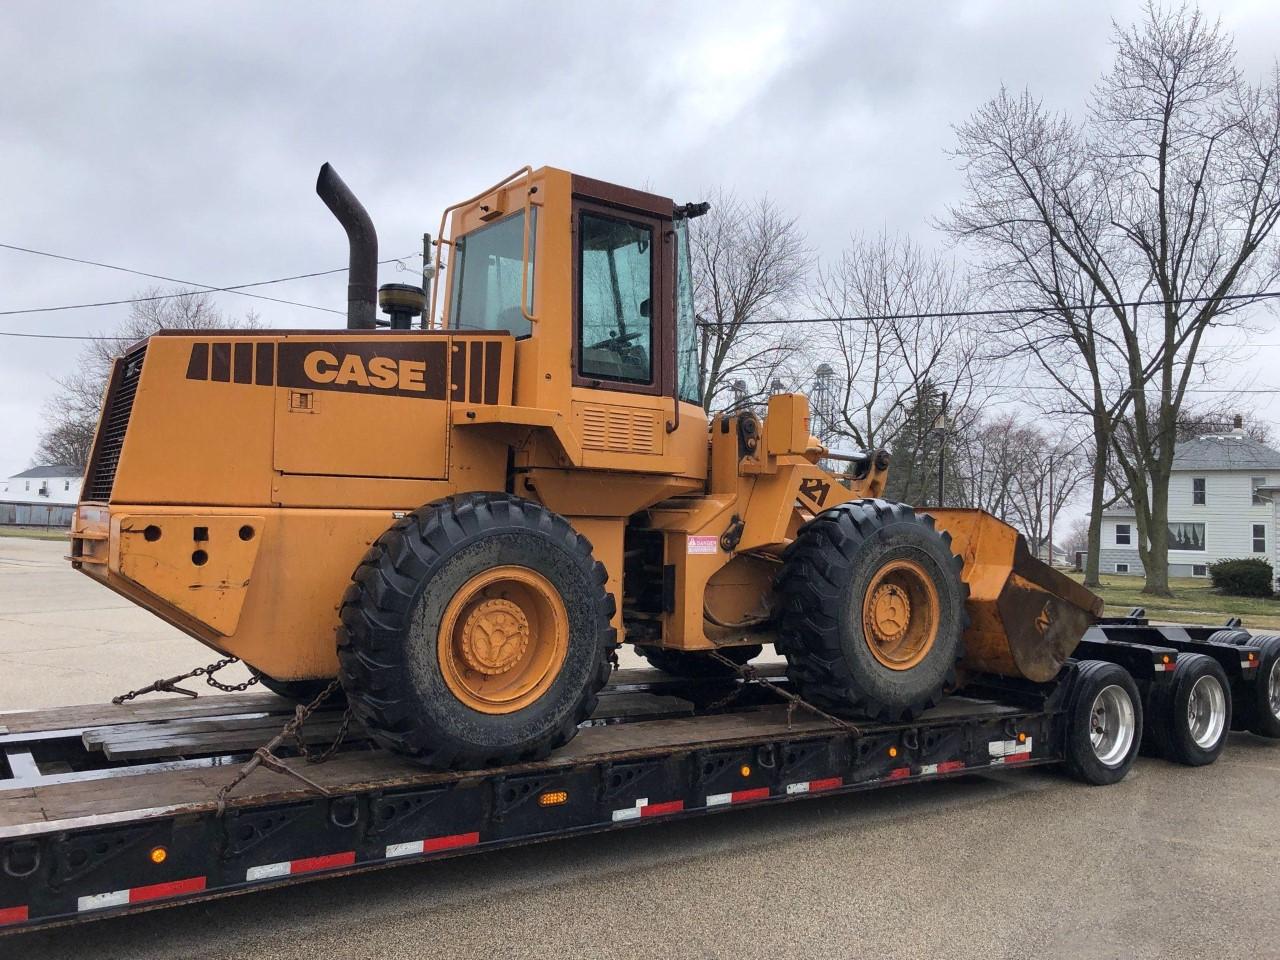 wheel loader in transport on a heavy haul trucking trailer